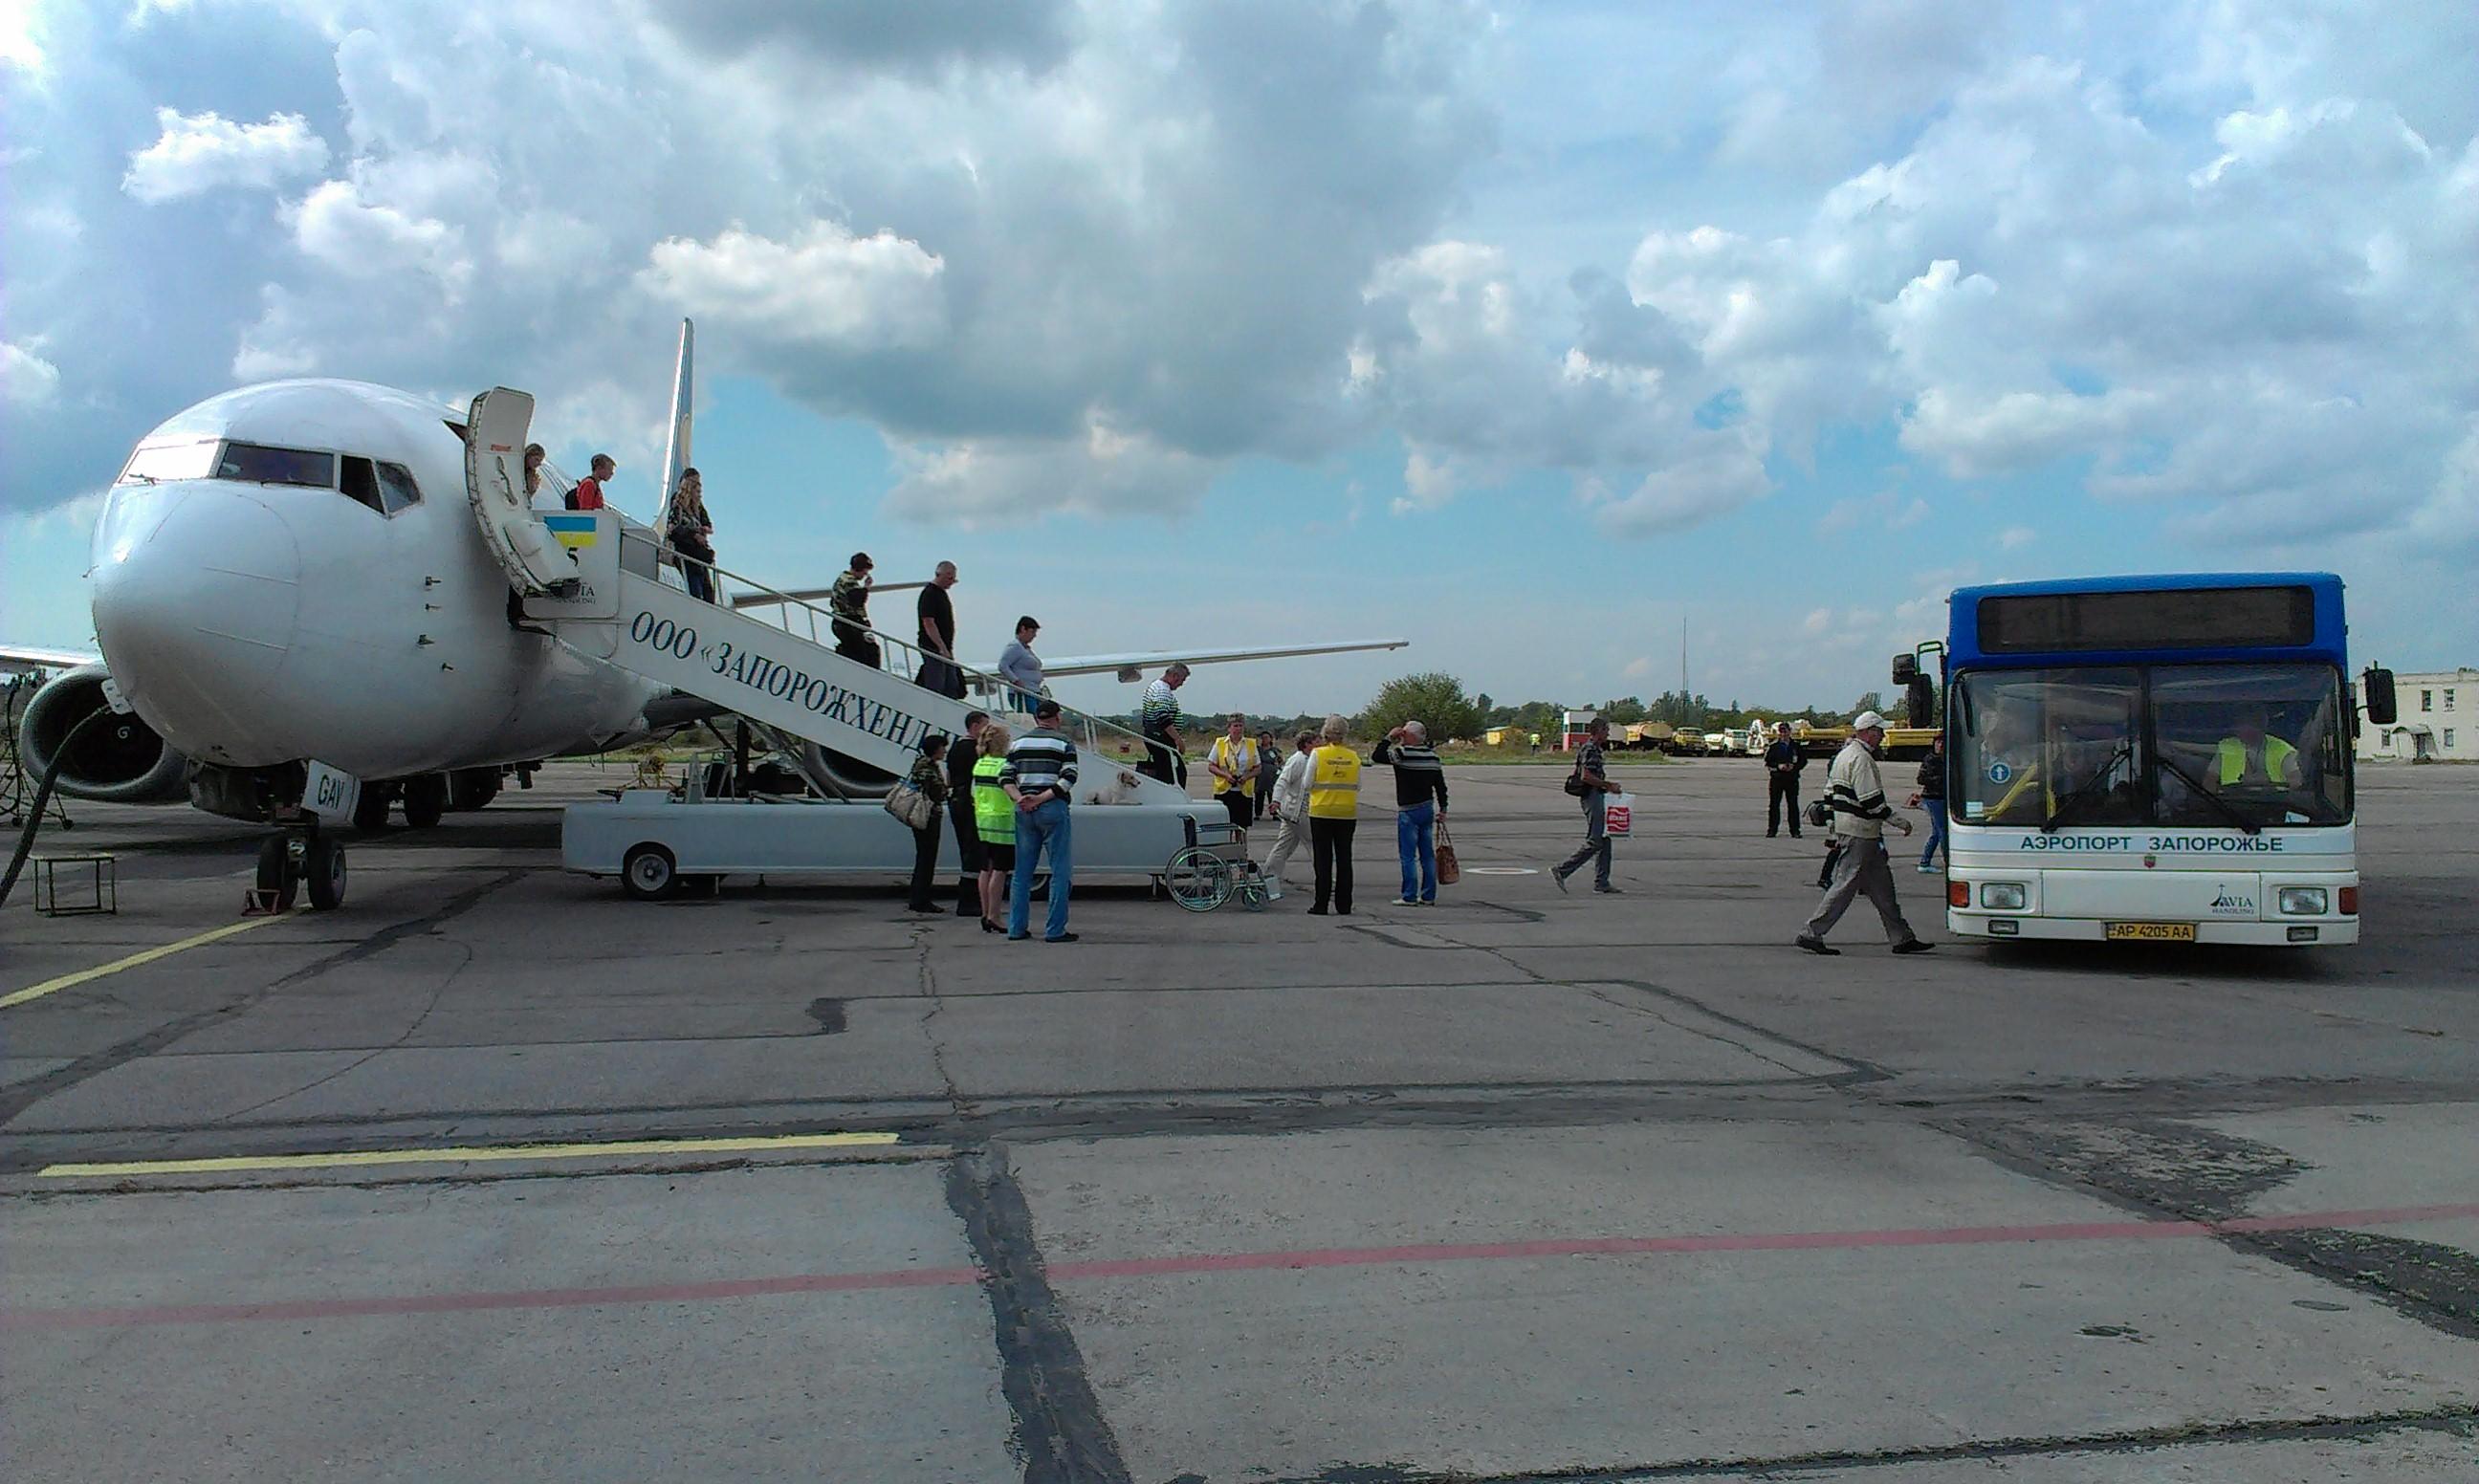 Через запорожский аэропорт турок пытался незаконно вывезти раритетные монеты - ФОТО